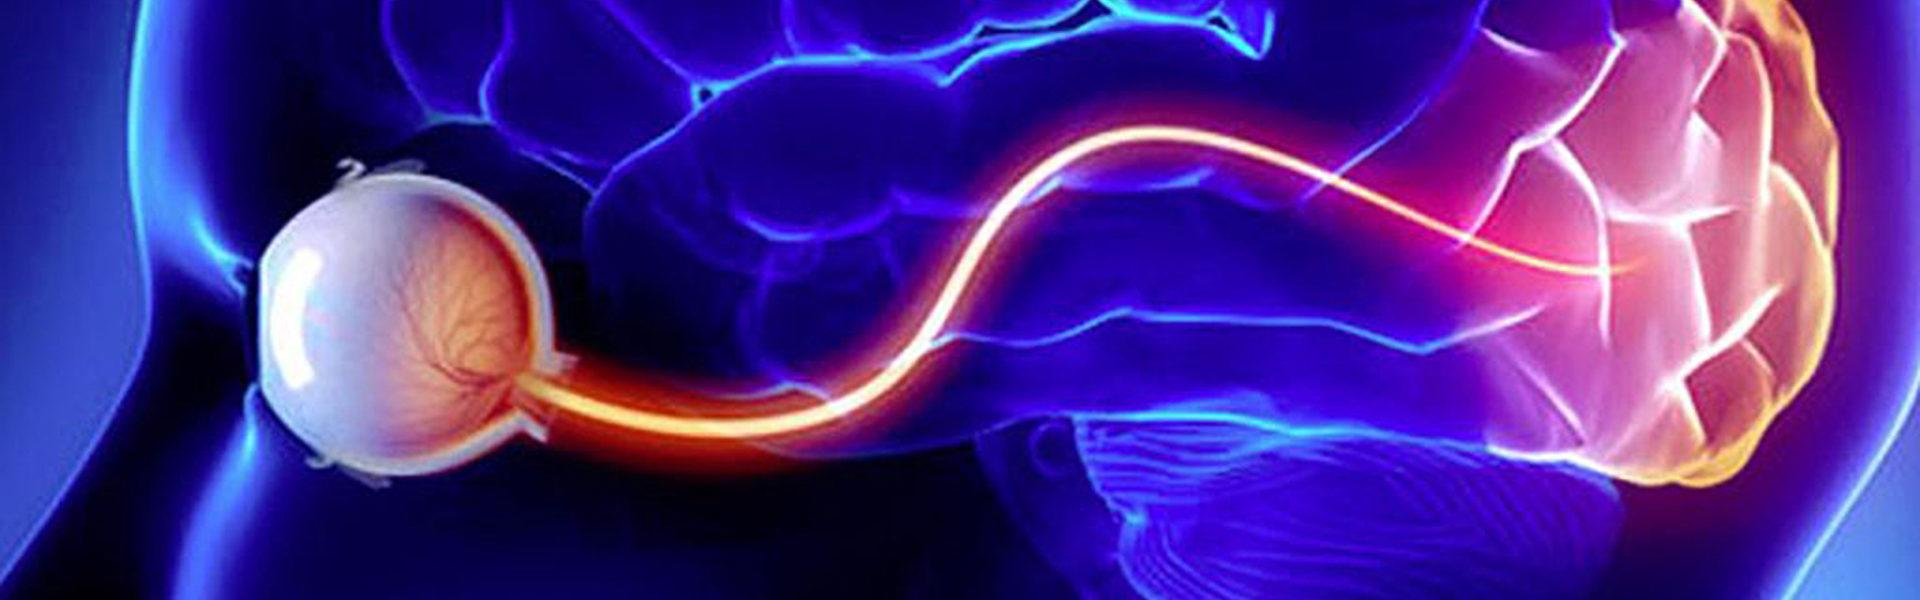 L'illustrazione mostra uno schema generico del sistema visivo